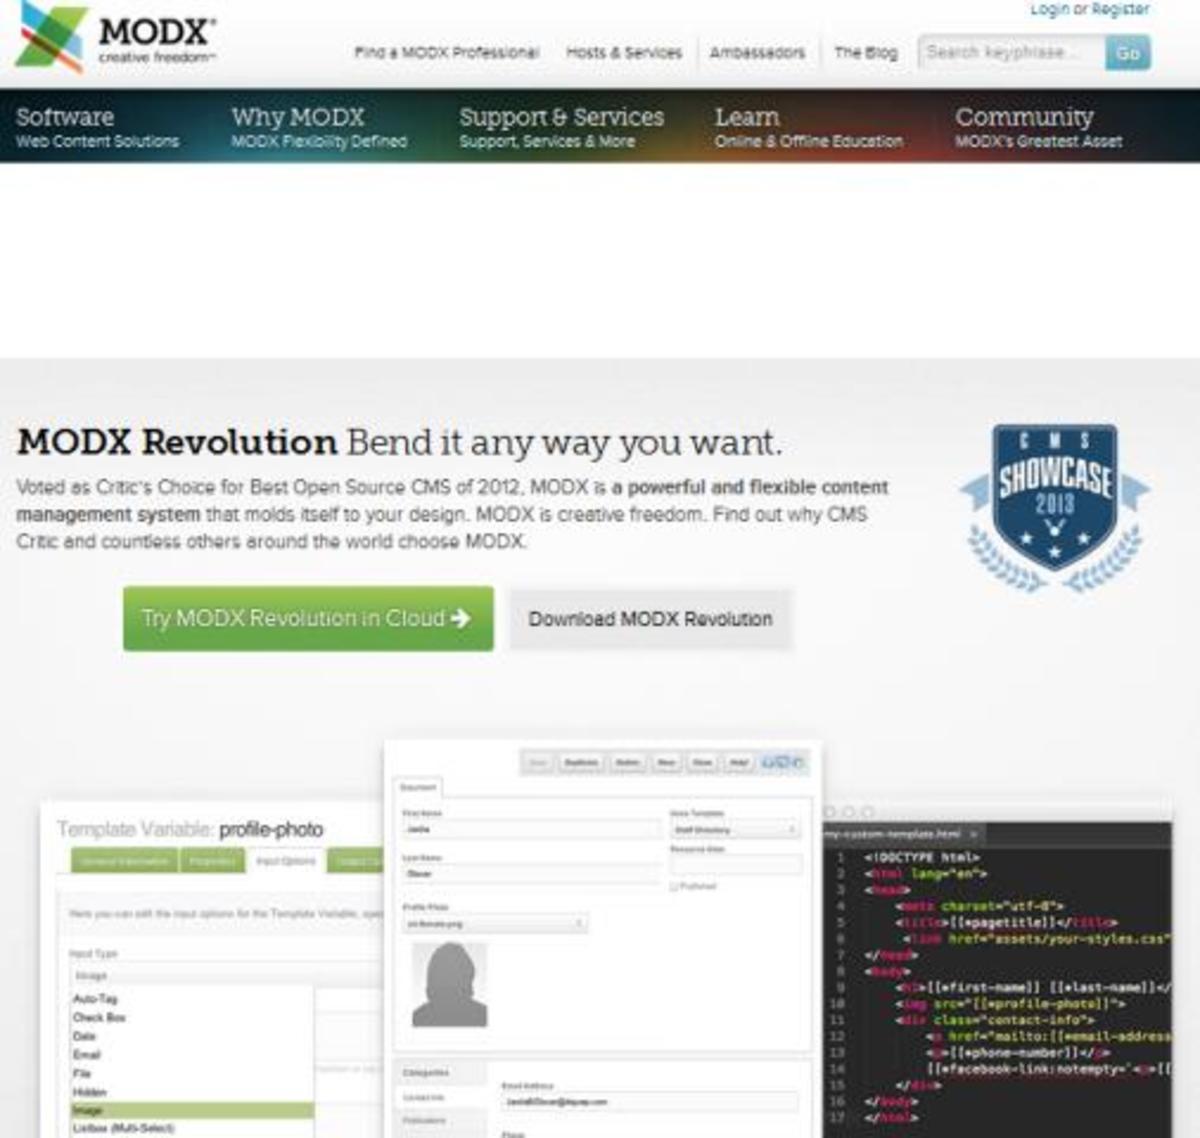 modex.com